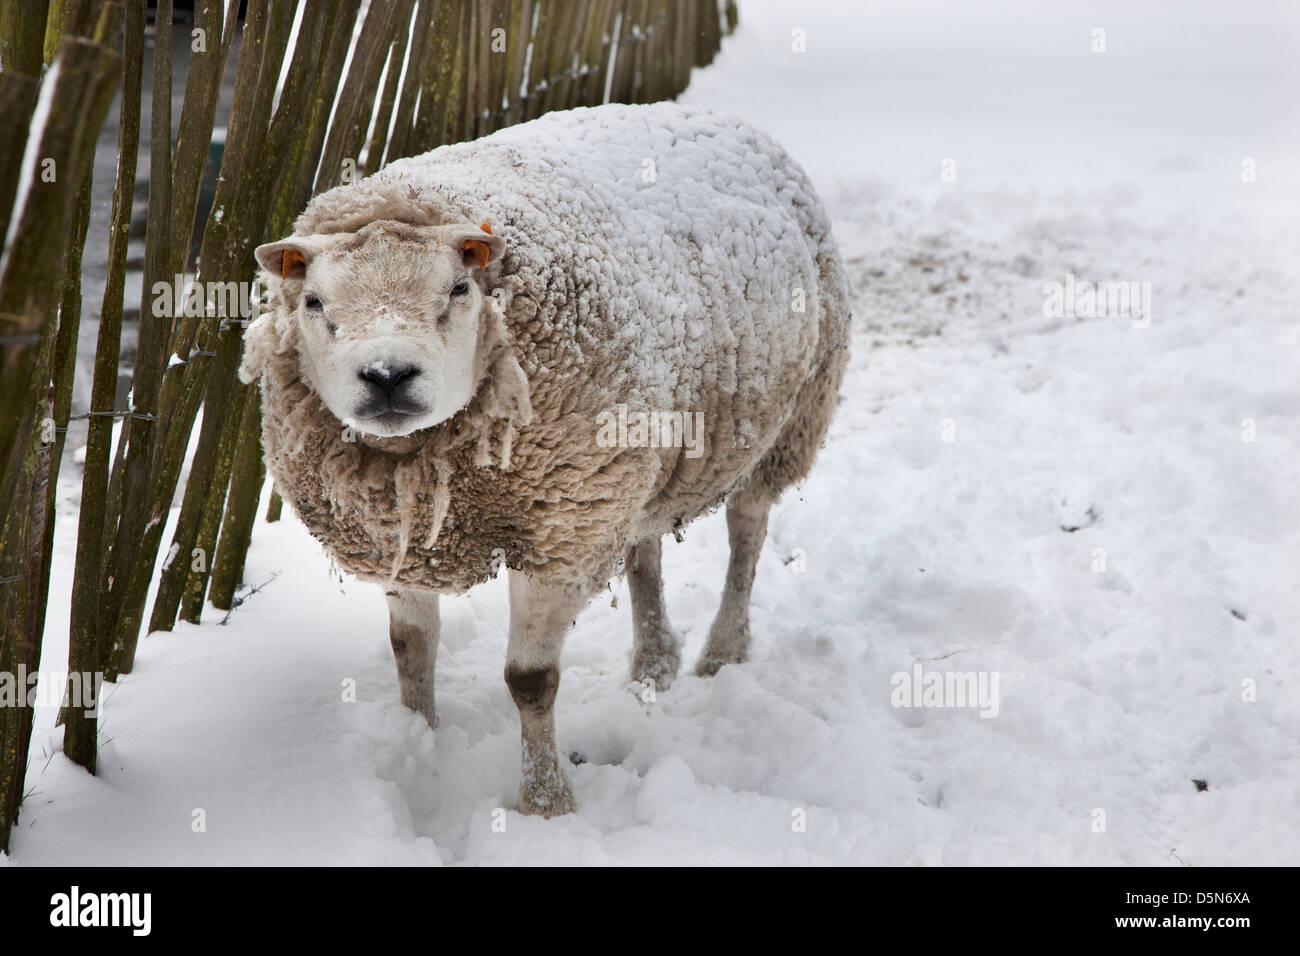 Les moutons domestiques en couche épaisse dans la neige en hiver Photo Stock